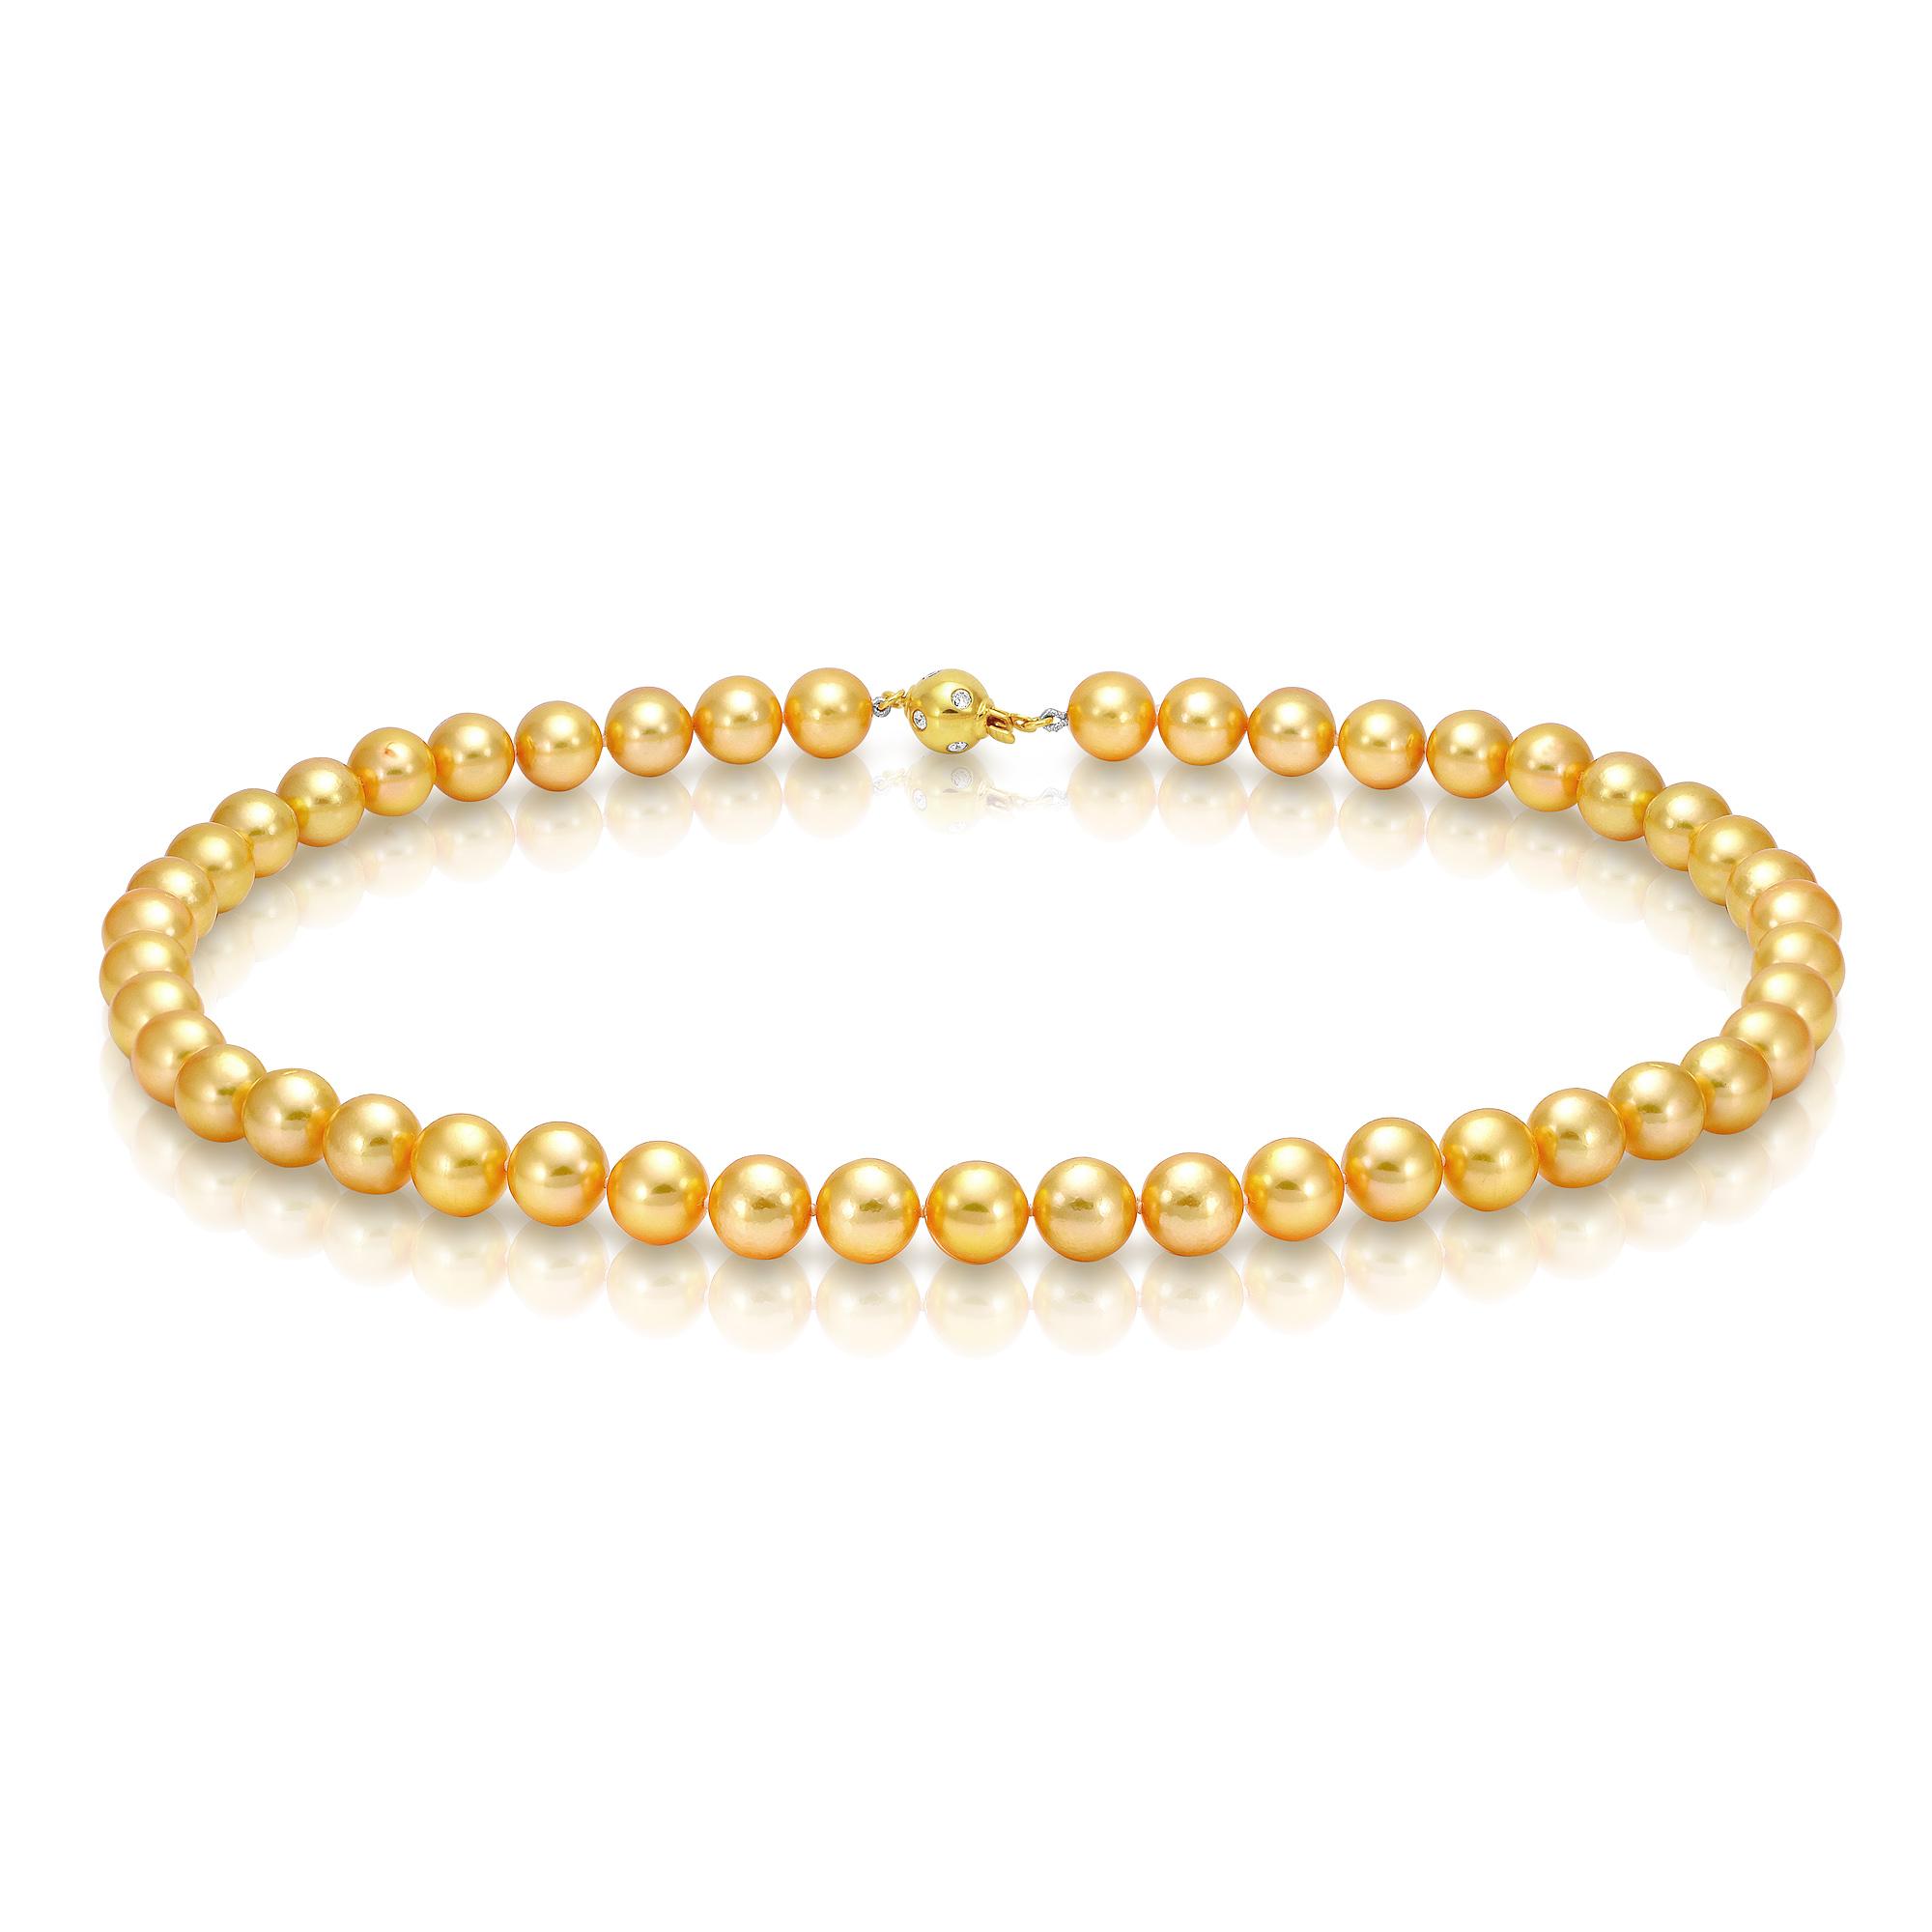 Ожерелье из золотистого морского жемчуга Акойя (Япония) 8,6-9 мм